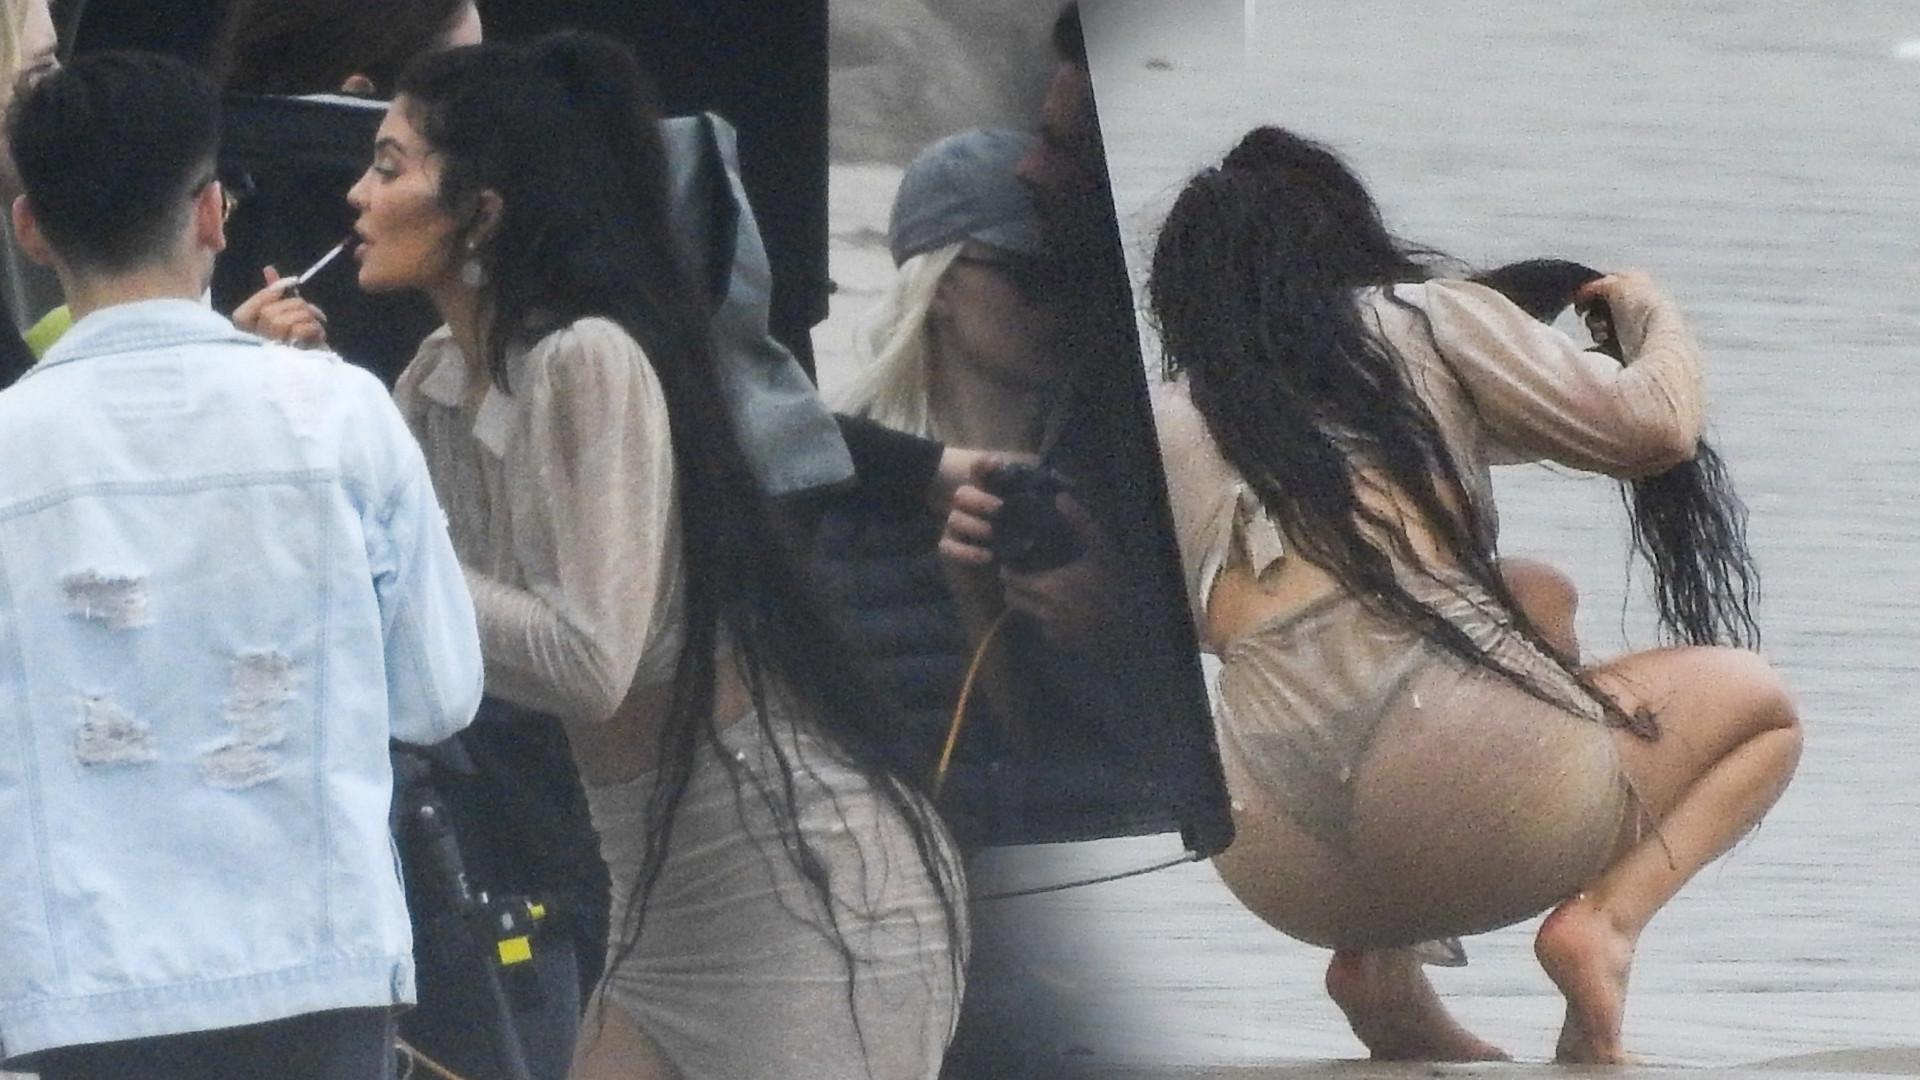 Tak Kylie Jenner pracuje podczas sesji zdjęciowej. Gwiazdorzy?